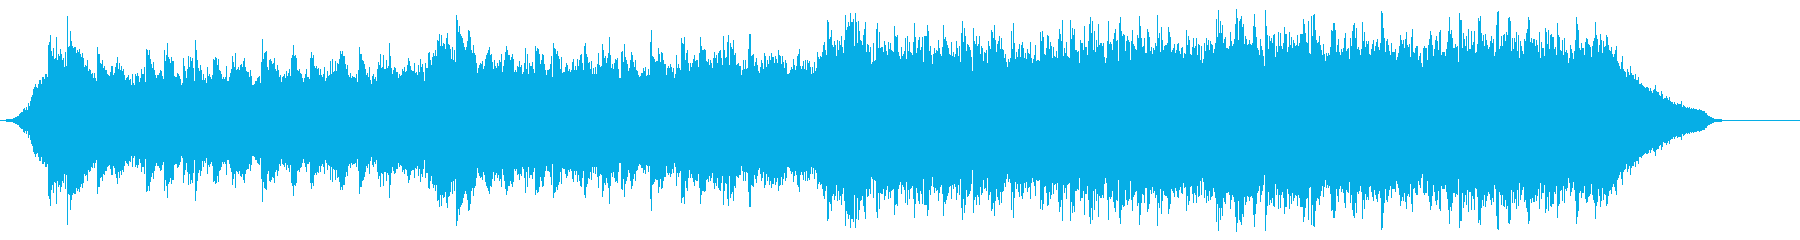 企業VP映像、107オーケストラ、爽快bの再生済みの波形